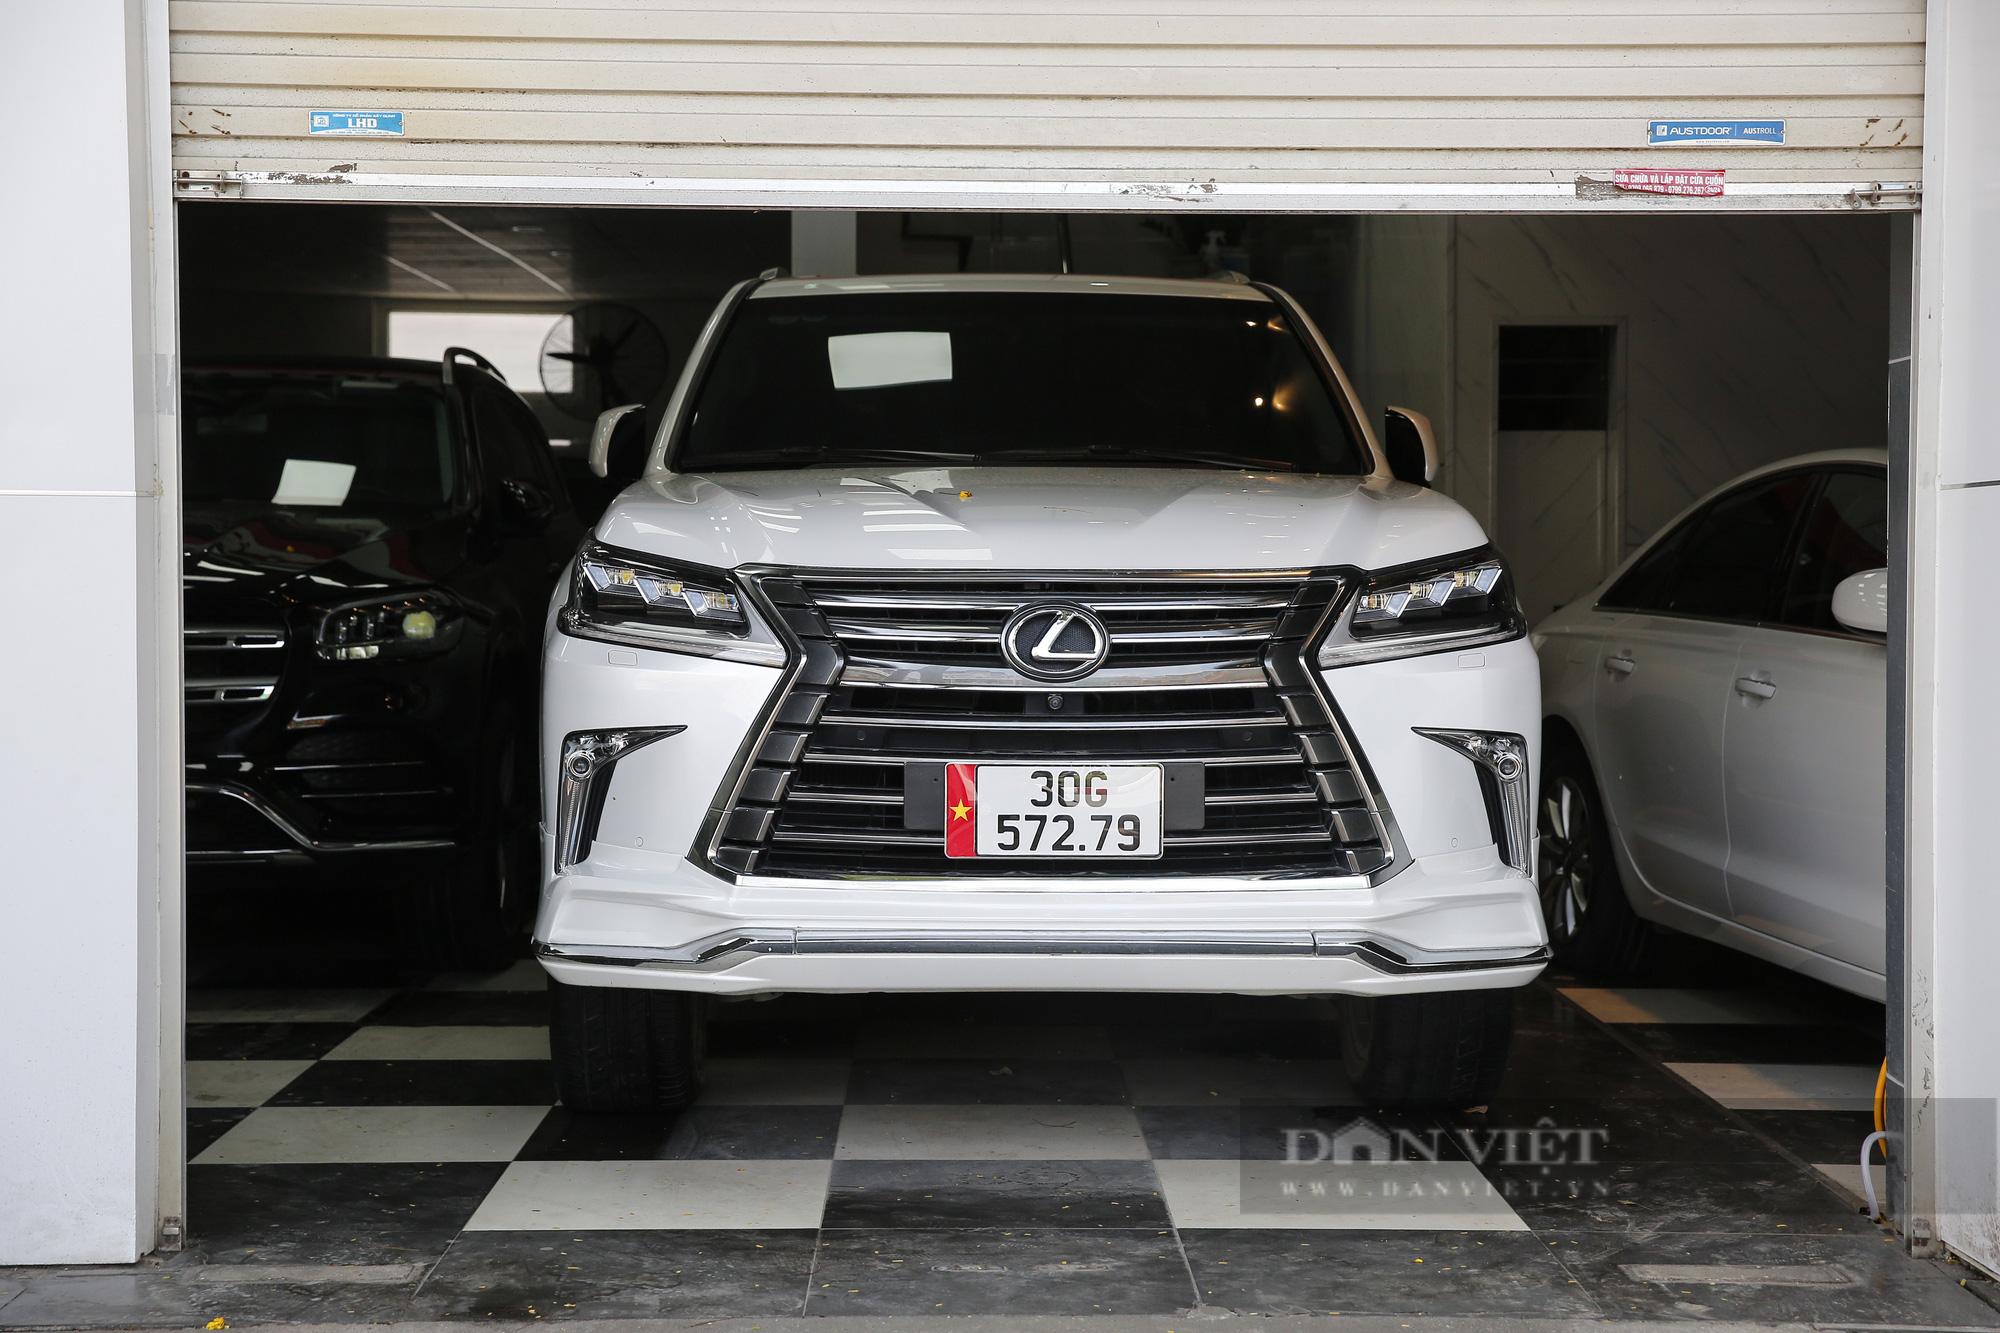 Hàng loạt showroom ô tô tại Hà Nội 'cửa đóng then cài' vì dịch Covid-19 - Ảnh 9.